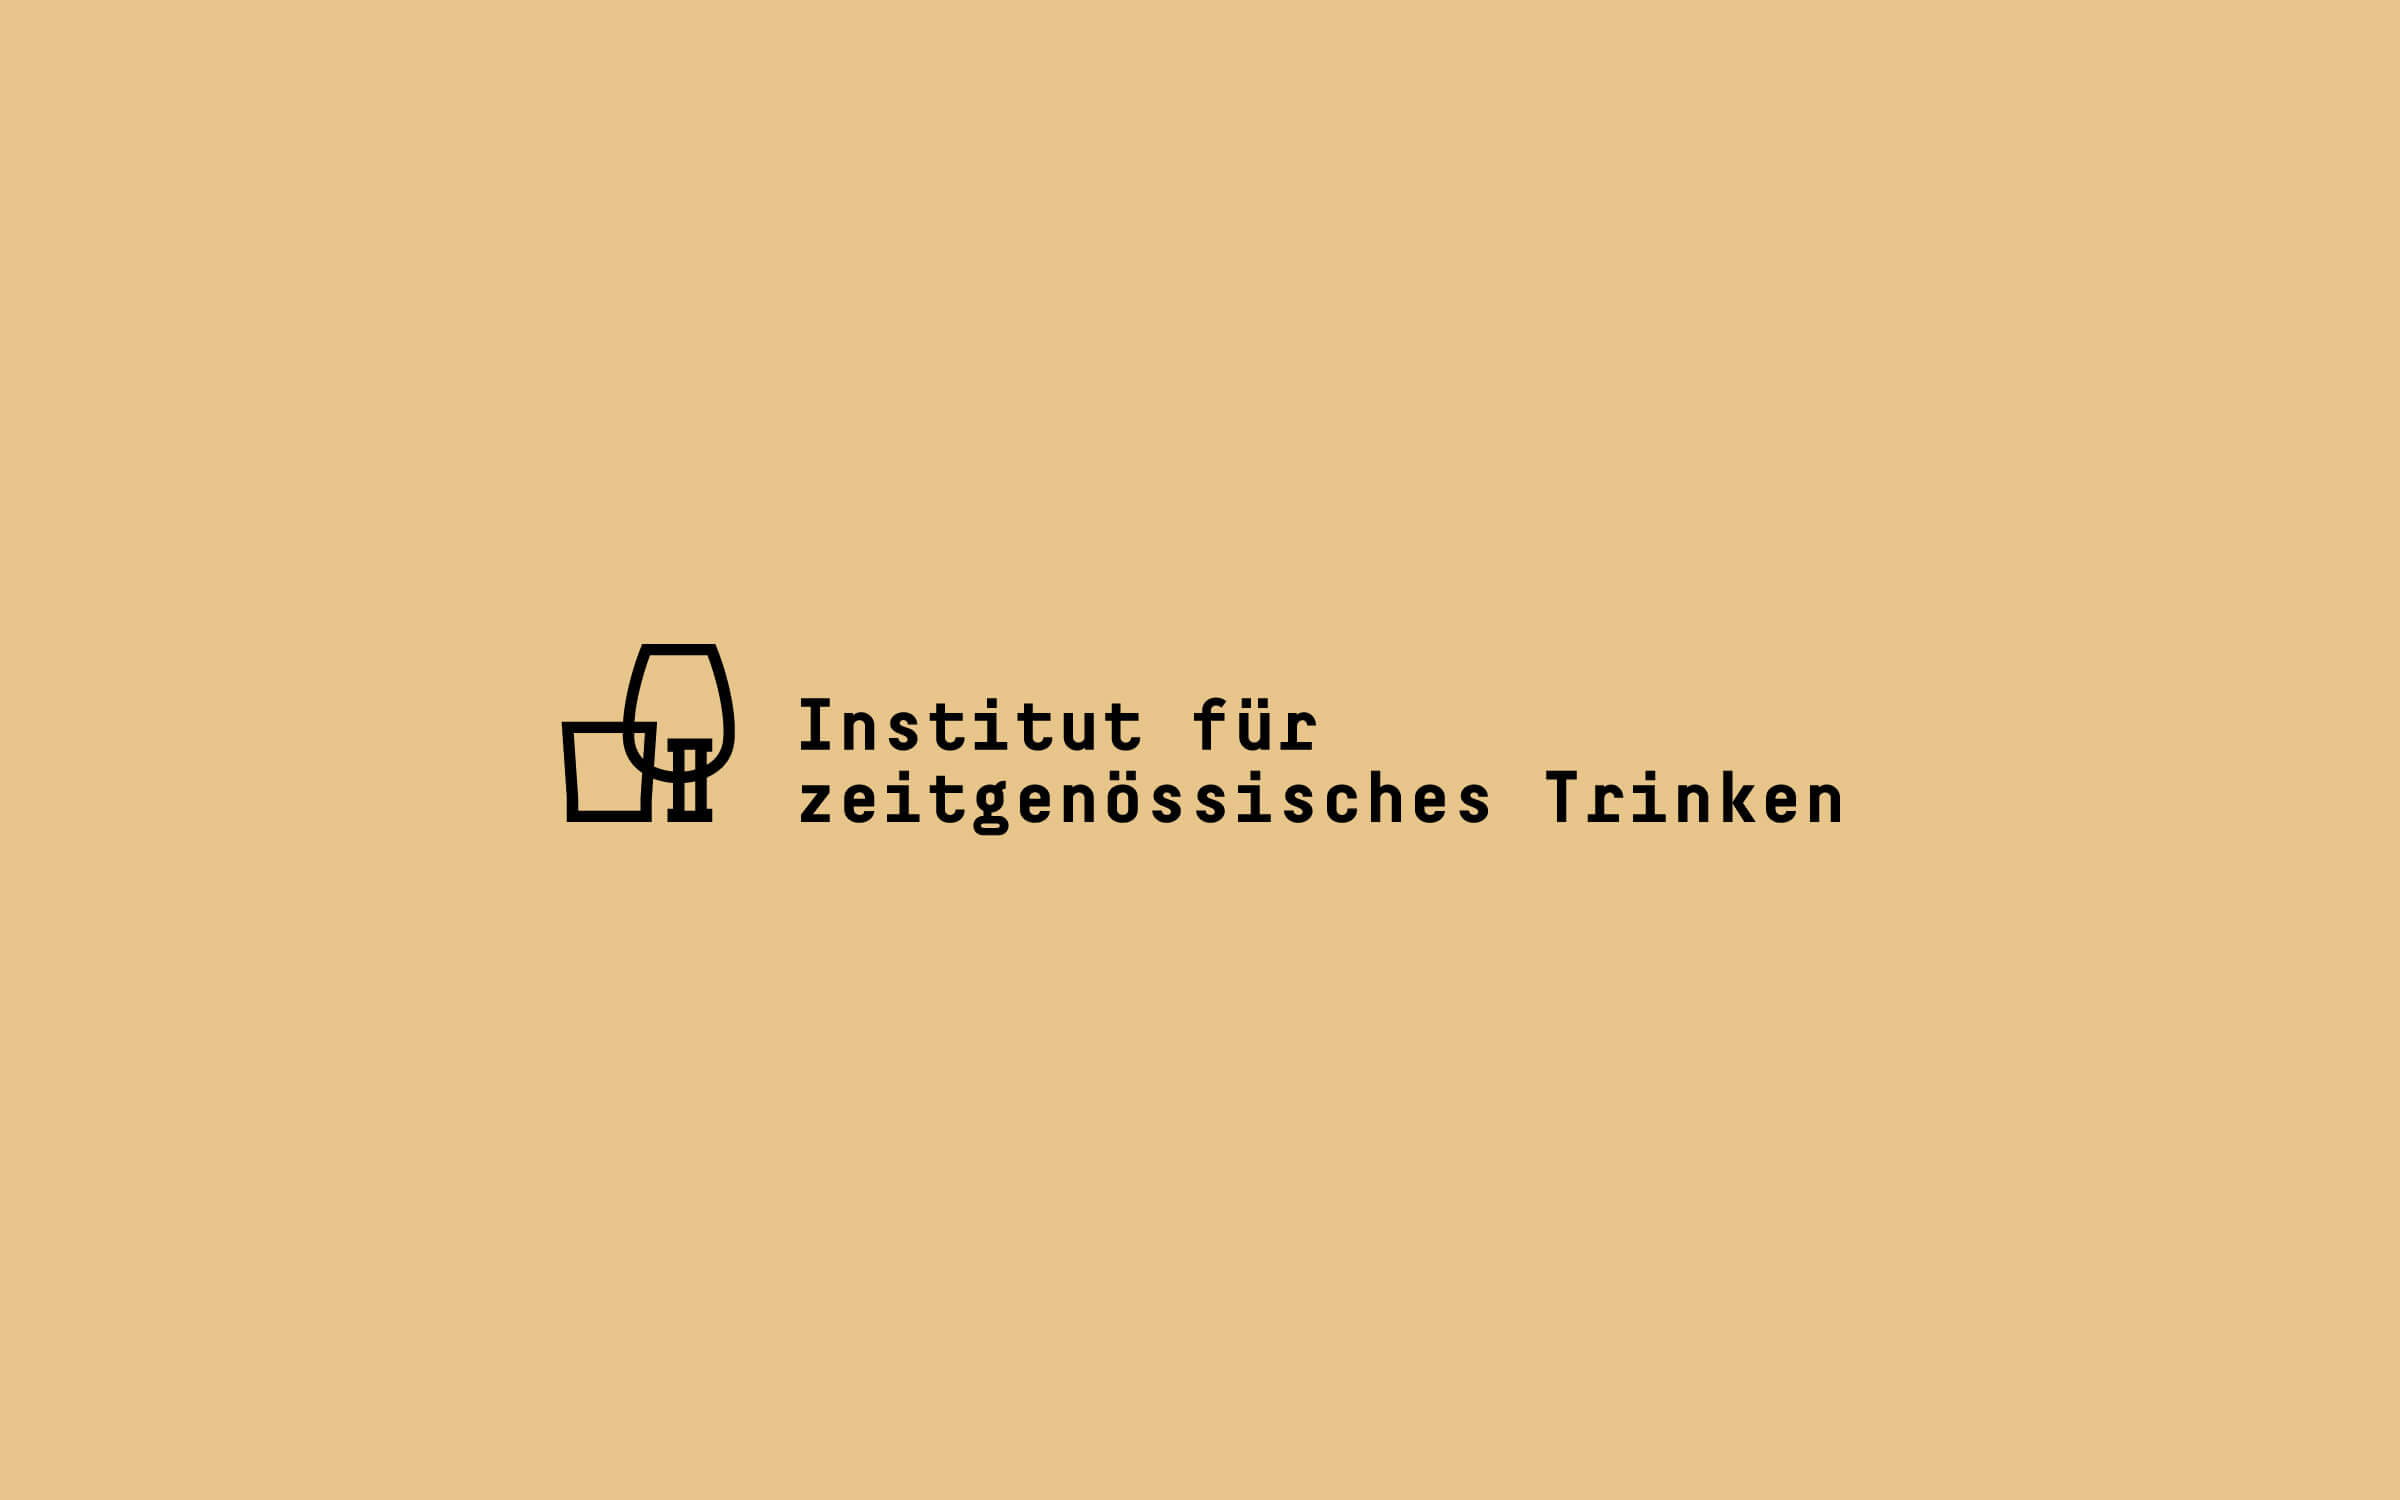 Institut für zeitgenössisches Trinken – Logo »zweizeilig«